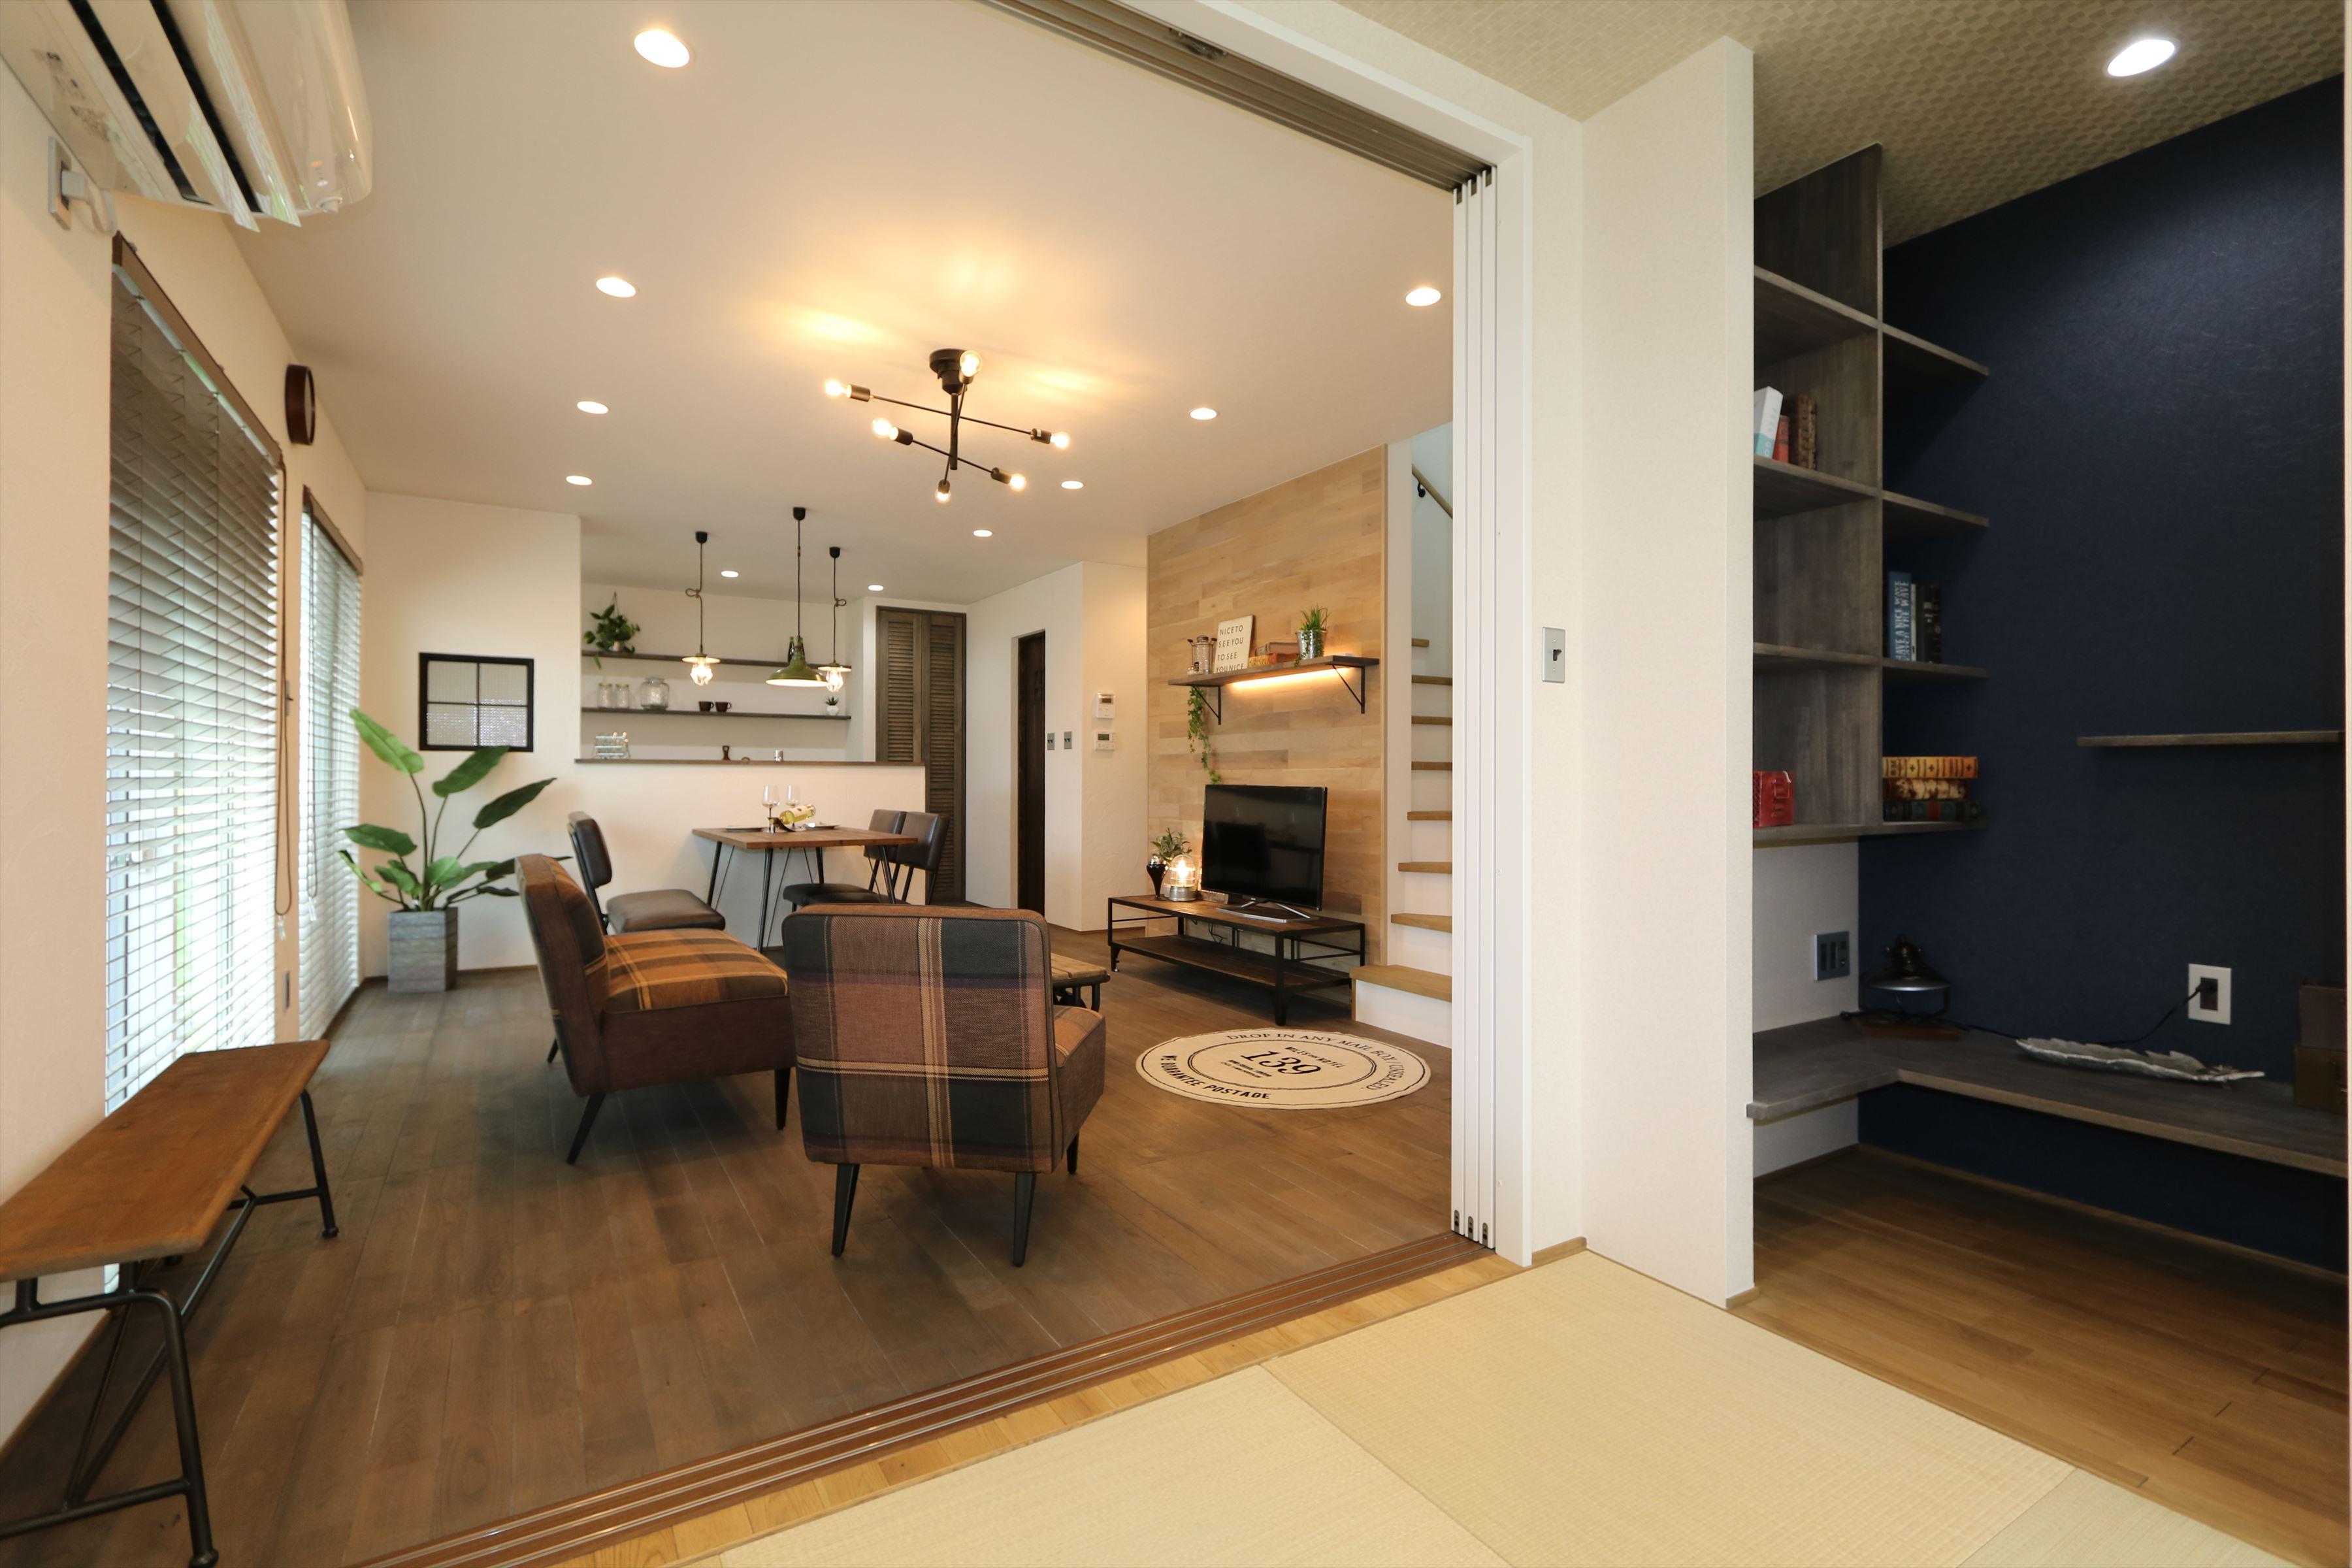 カジュアルでかっこいい今どきスタイルのお家|石川県金沢市の注文住宅・デザイン性・新築の家・戸建て|E-HOUSE